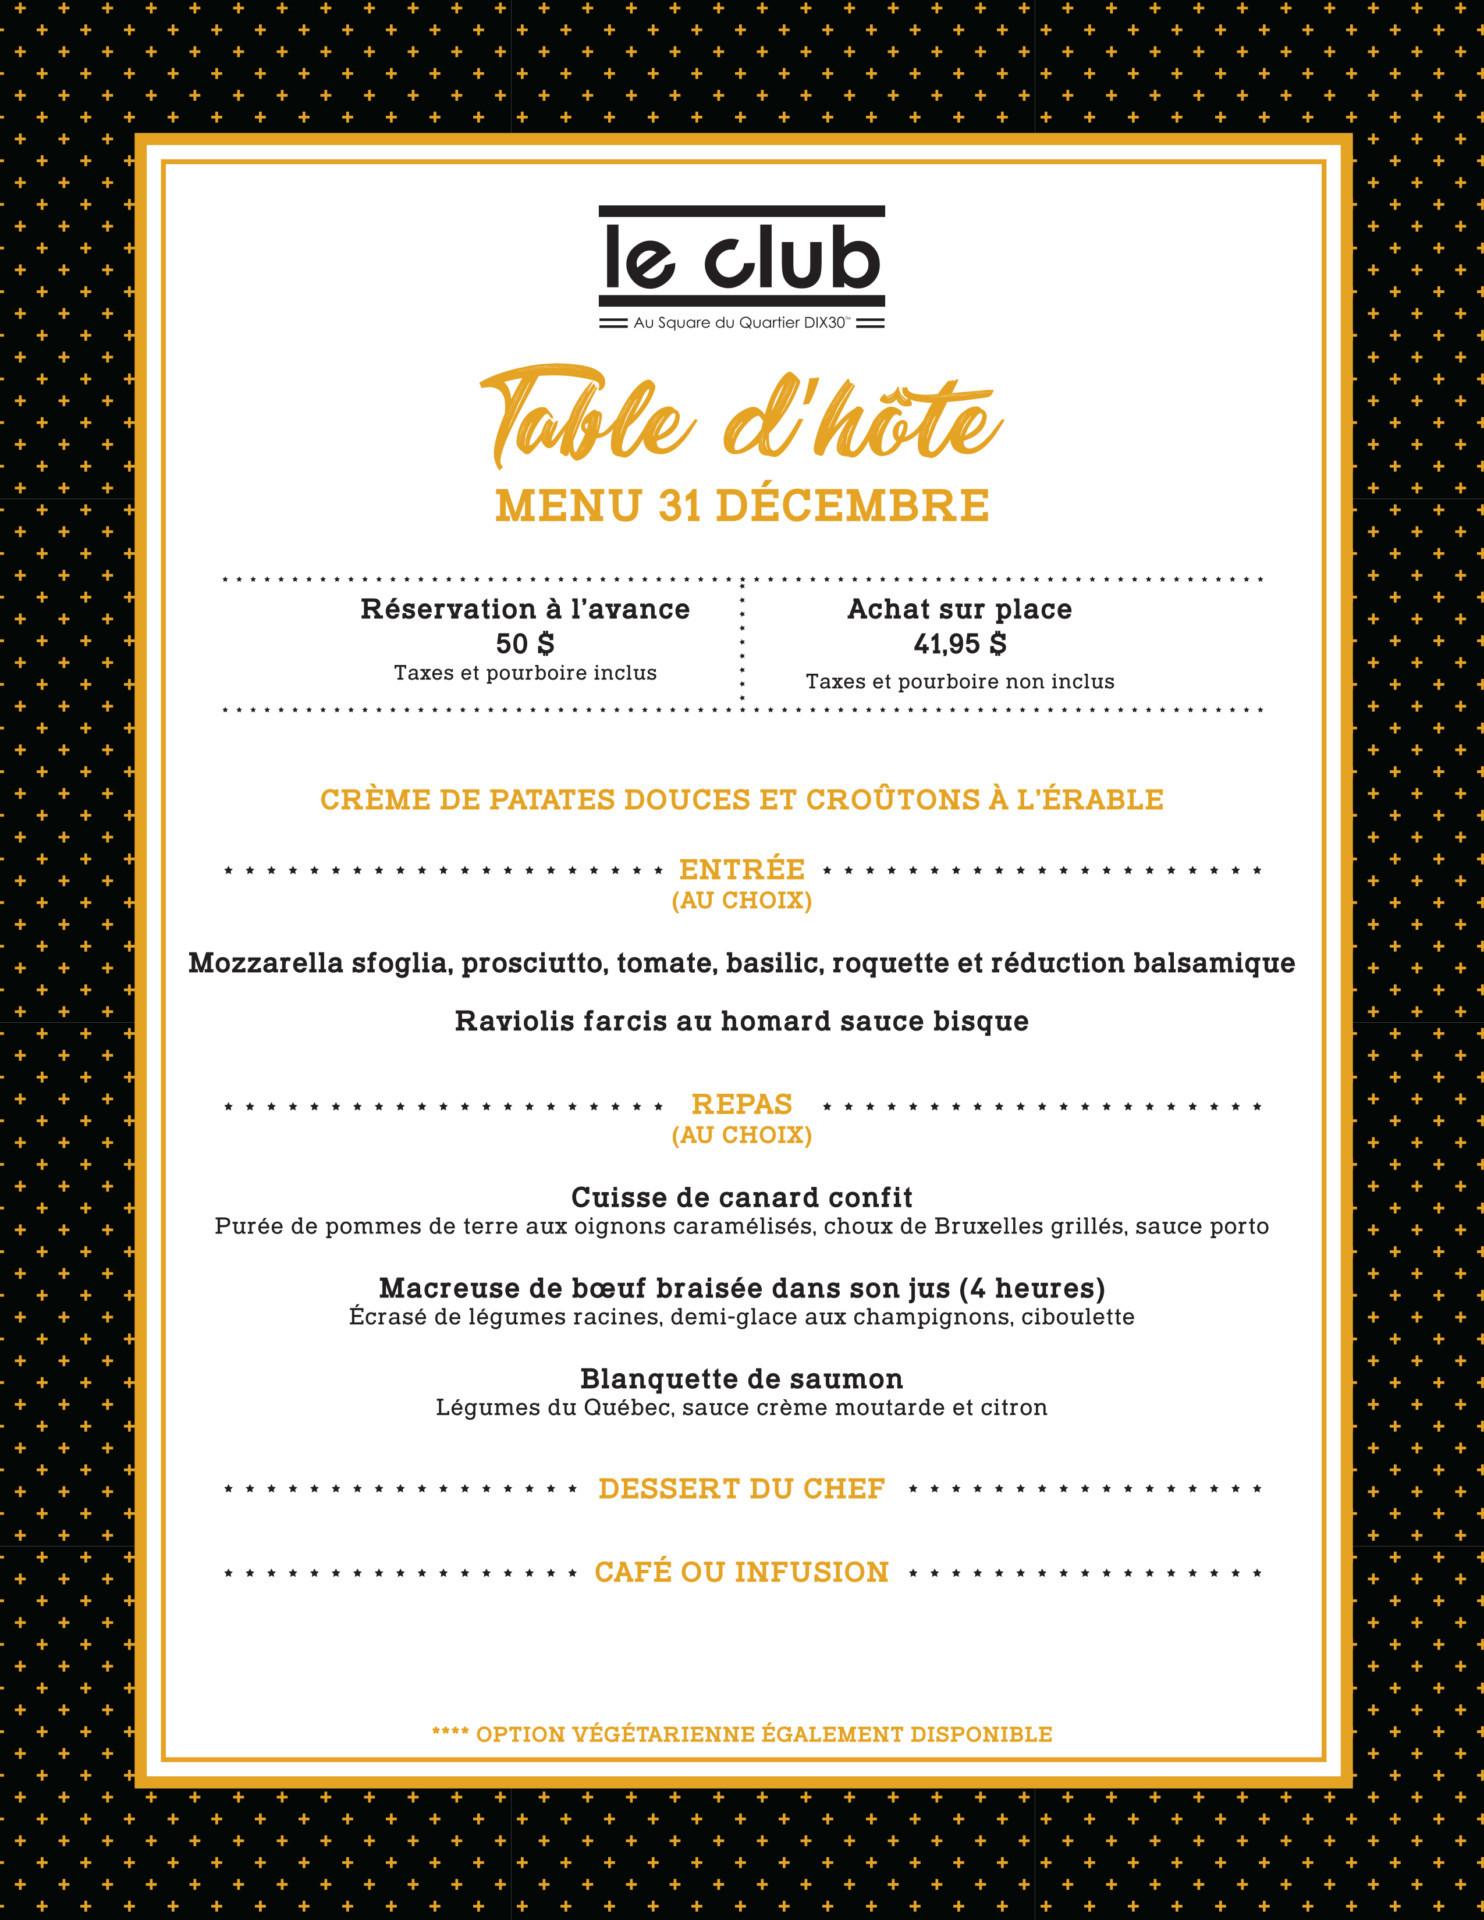 Le club dix30 souper spectacle for Table 31 decembre